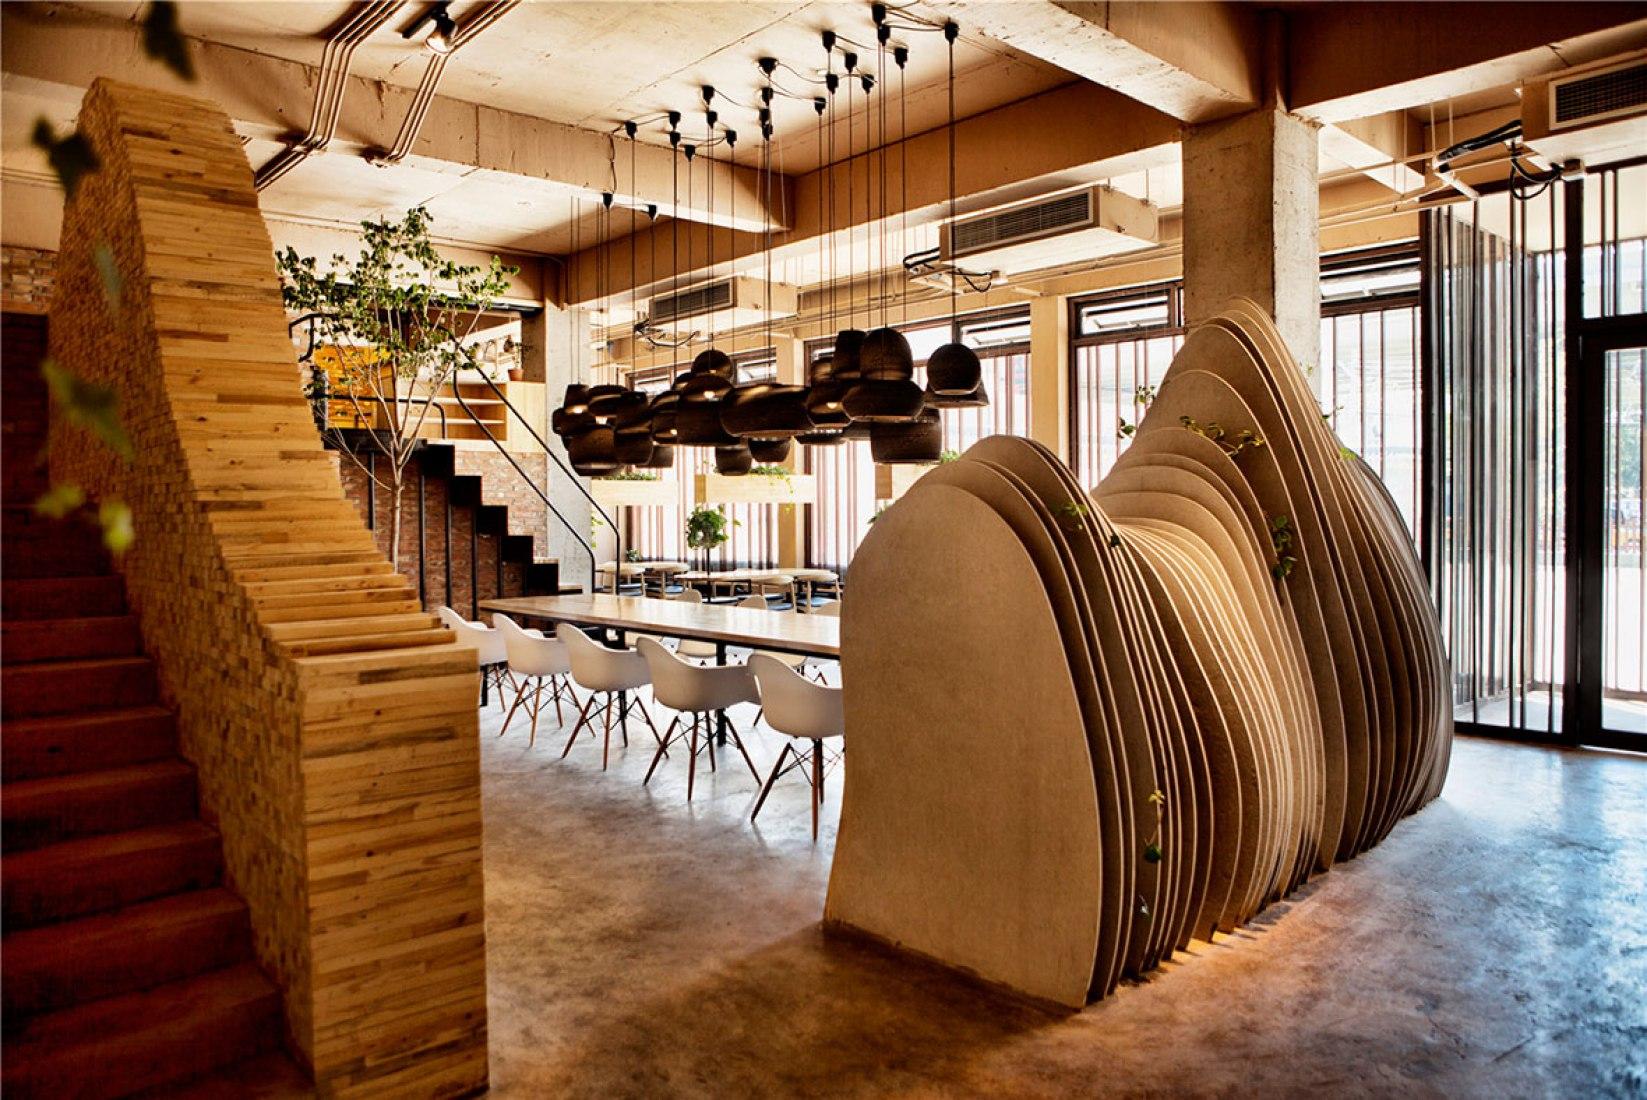 Vista interior. Ban Shan Café por Robot3 Design. Fotografía © Xi-Xun Deng.